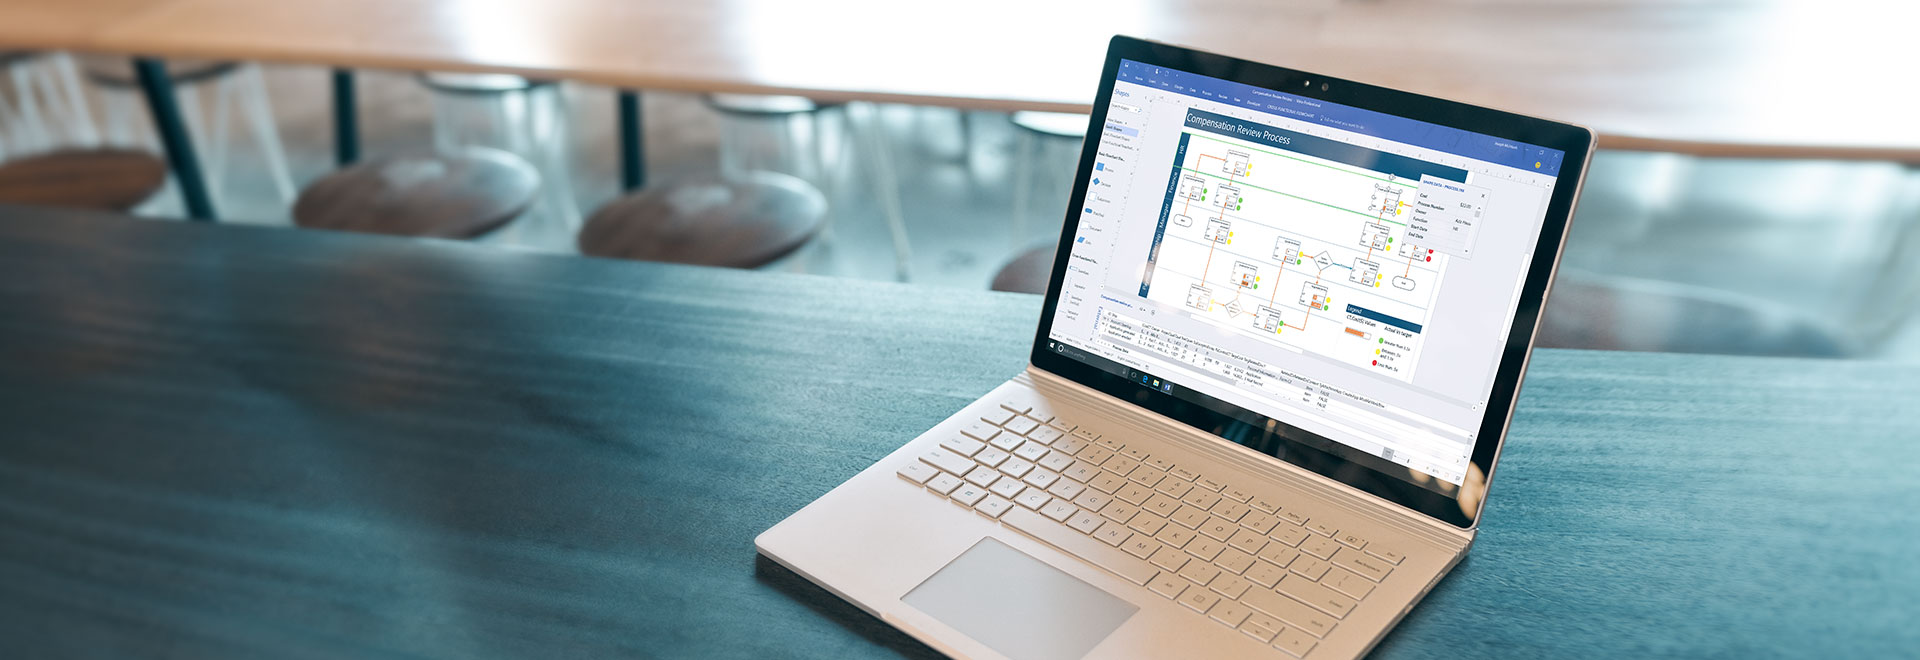 """Nešiojamasis kompiuteris, kurio ekrane rodoma proceso darbo eigos diagrama programoje """"Visio Pro for Office 365"""""""